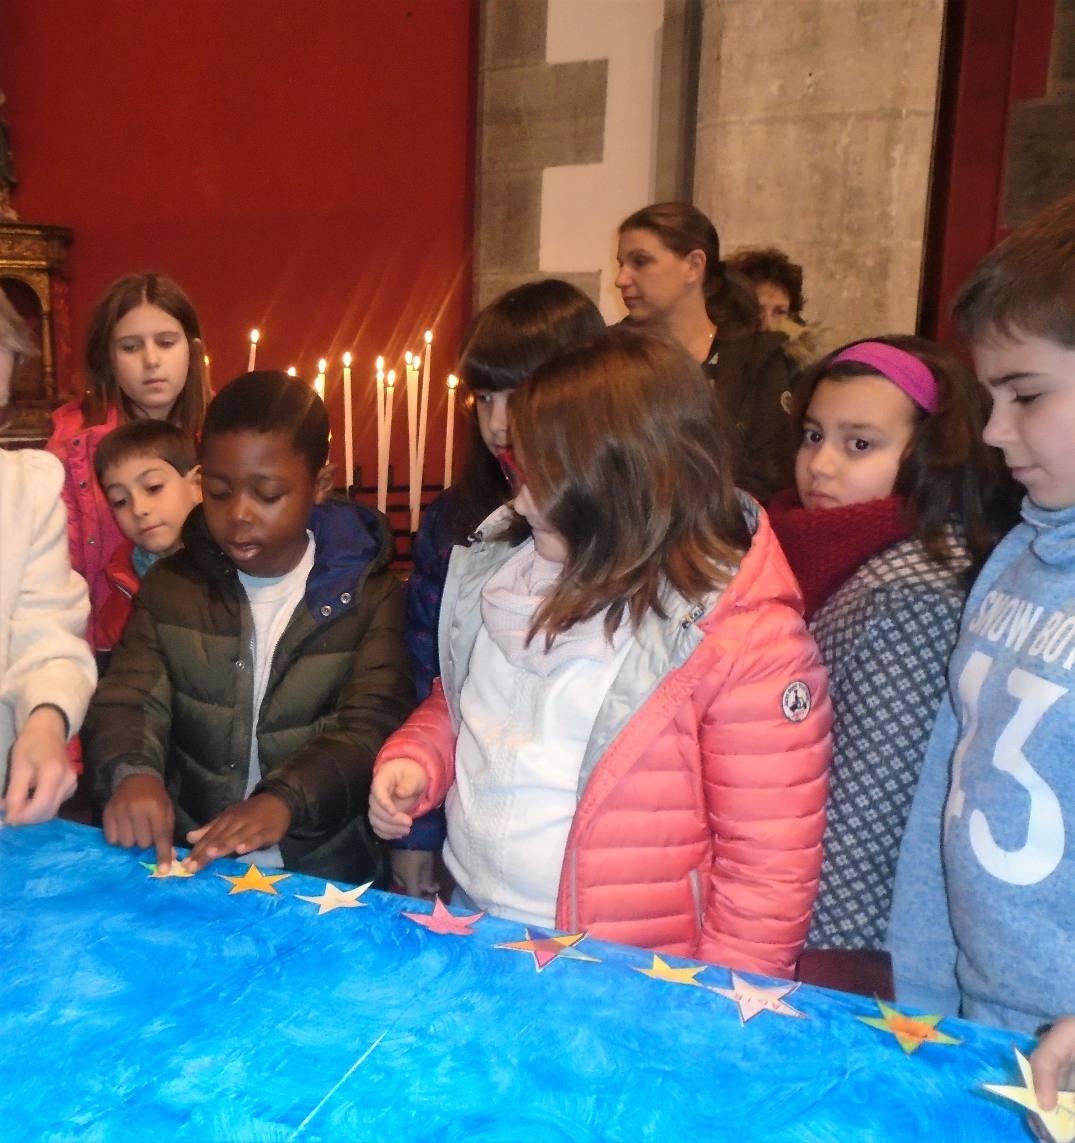 Les enfants ont écrit sur leur étoile :  Veiller ; attendre ; confiance ; agir ; fidèle ; Paix ....